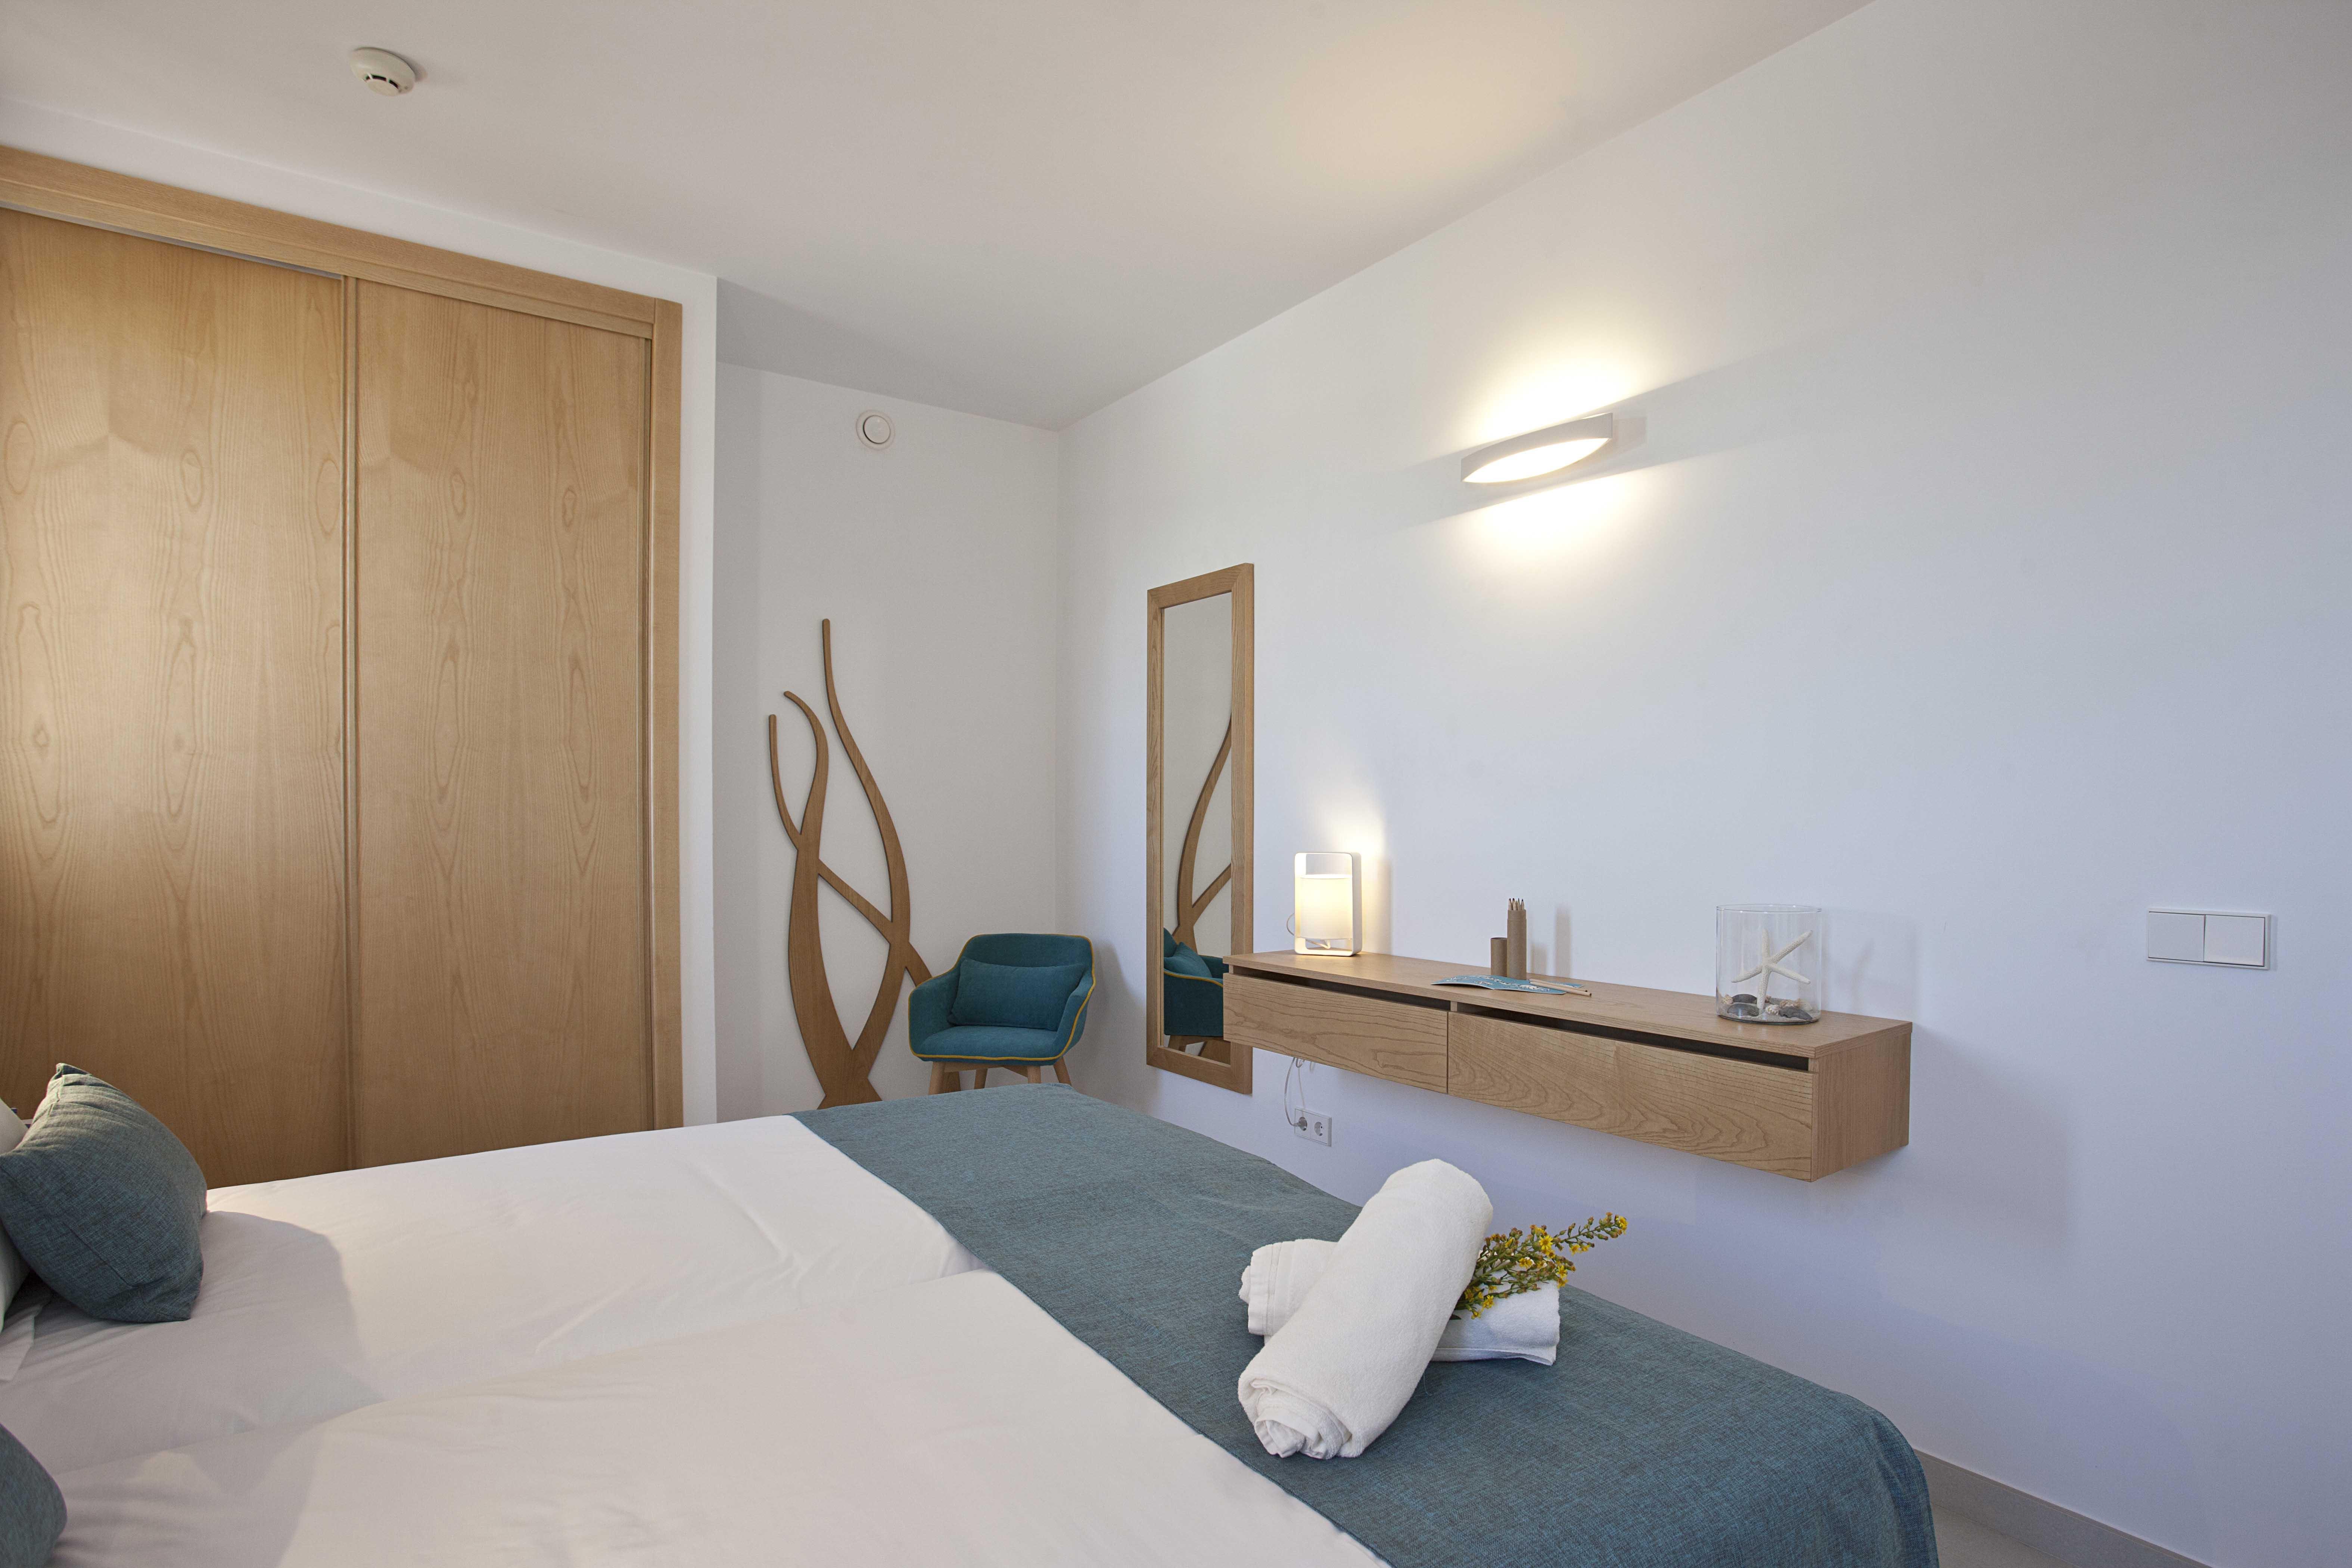 Dormitorio doble con detalles de decoración